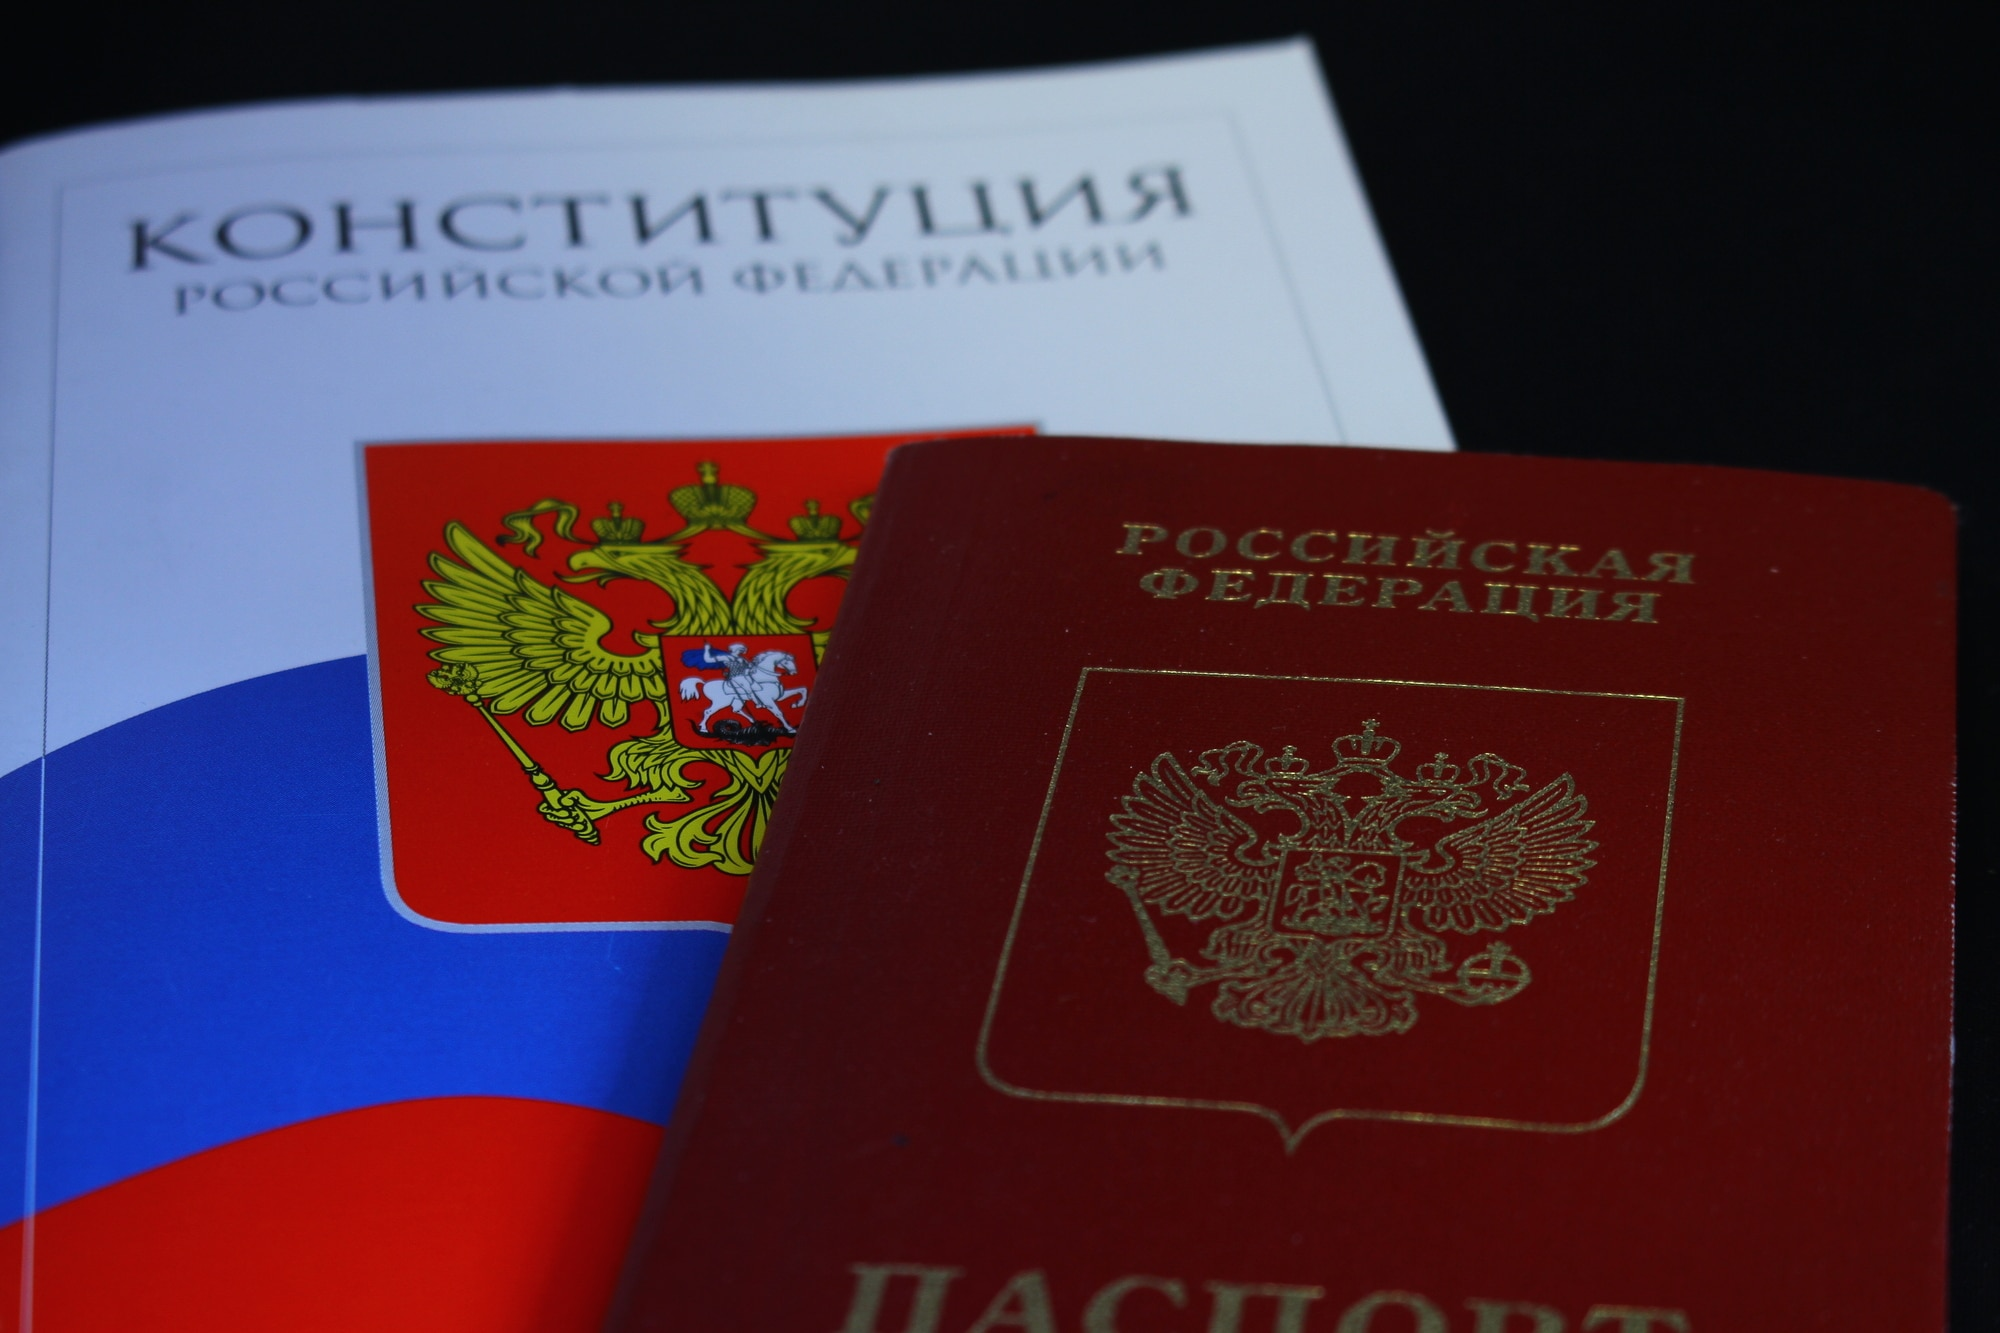 Бог, семья и государствообразующий народ: разбираем, как в итоге изменится Конституция России